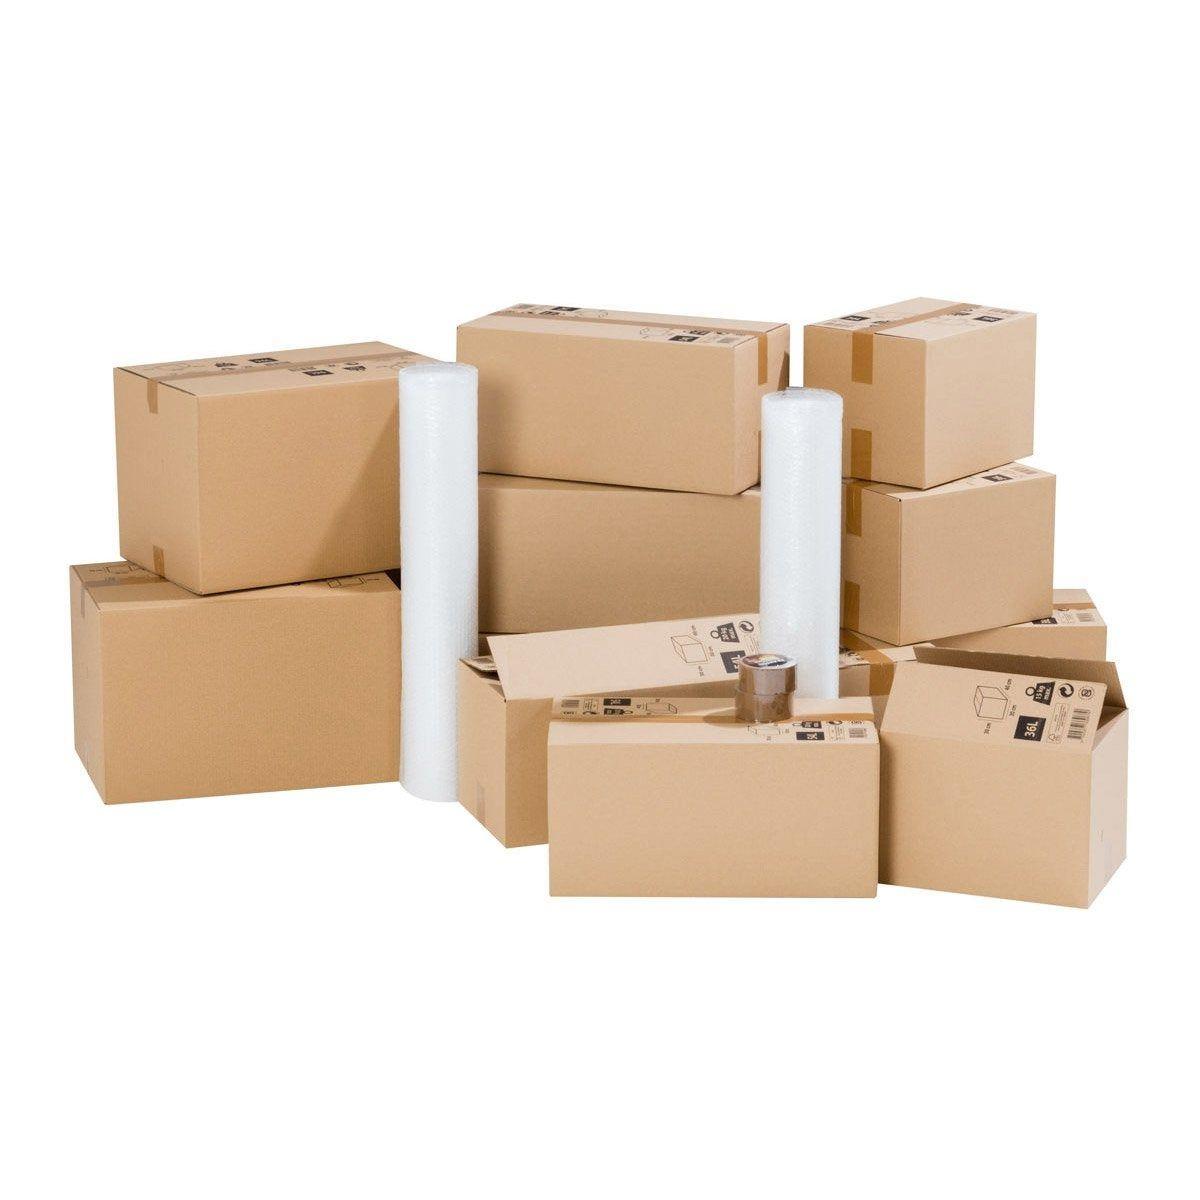 Kit Demenagement Pour Logement 35m Cartons Films Bulle Adhesifs Carton Kit Et Film